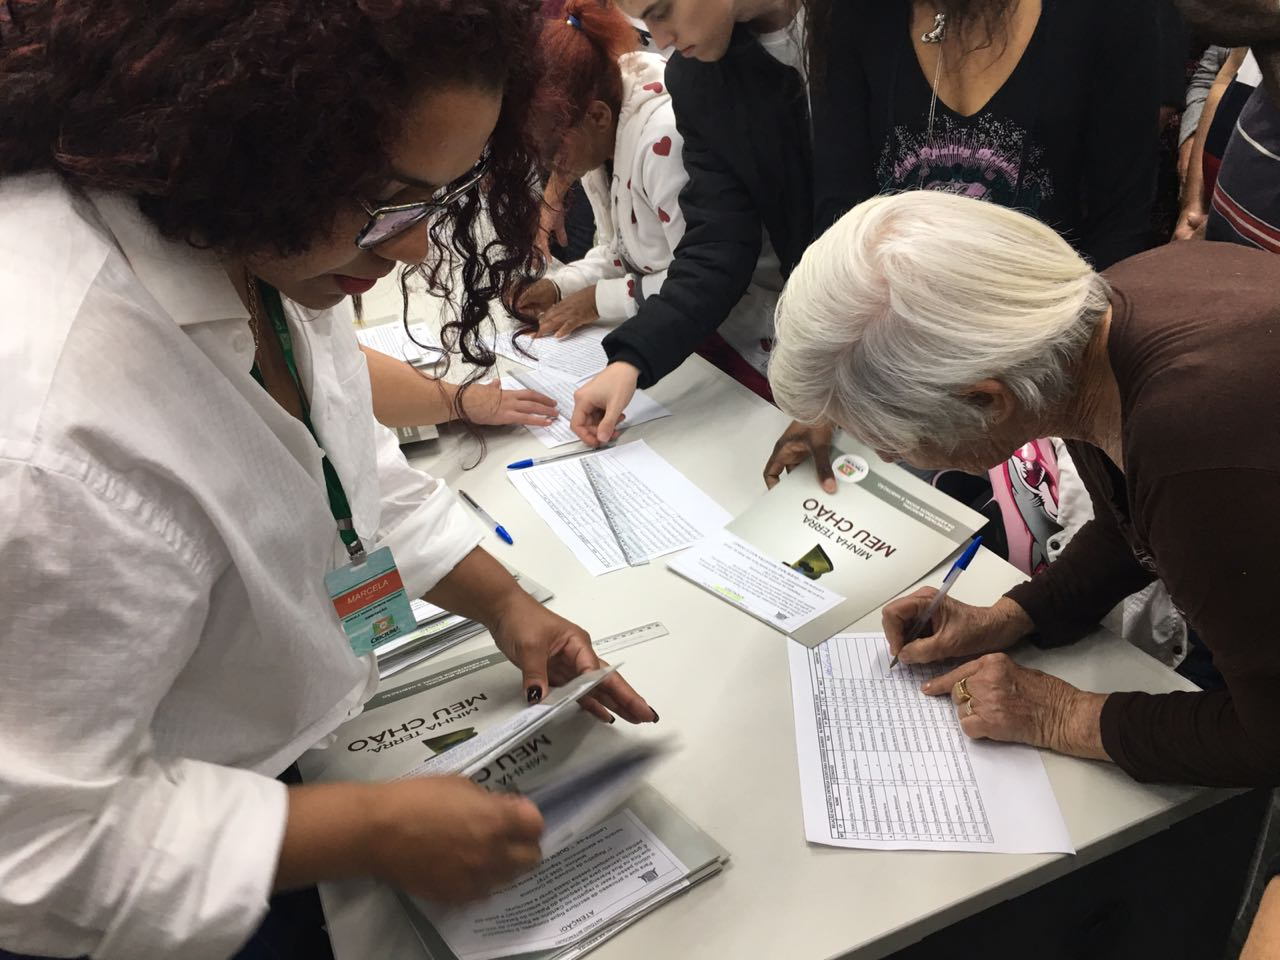 Prefeitura Municipal de Criciúma - Prefeitura entrega escrituras de 80 imóveis nesta segunda-feira